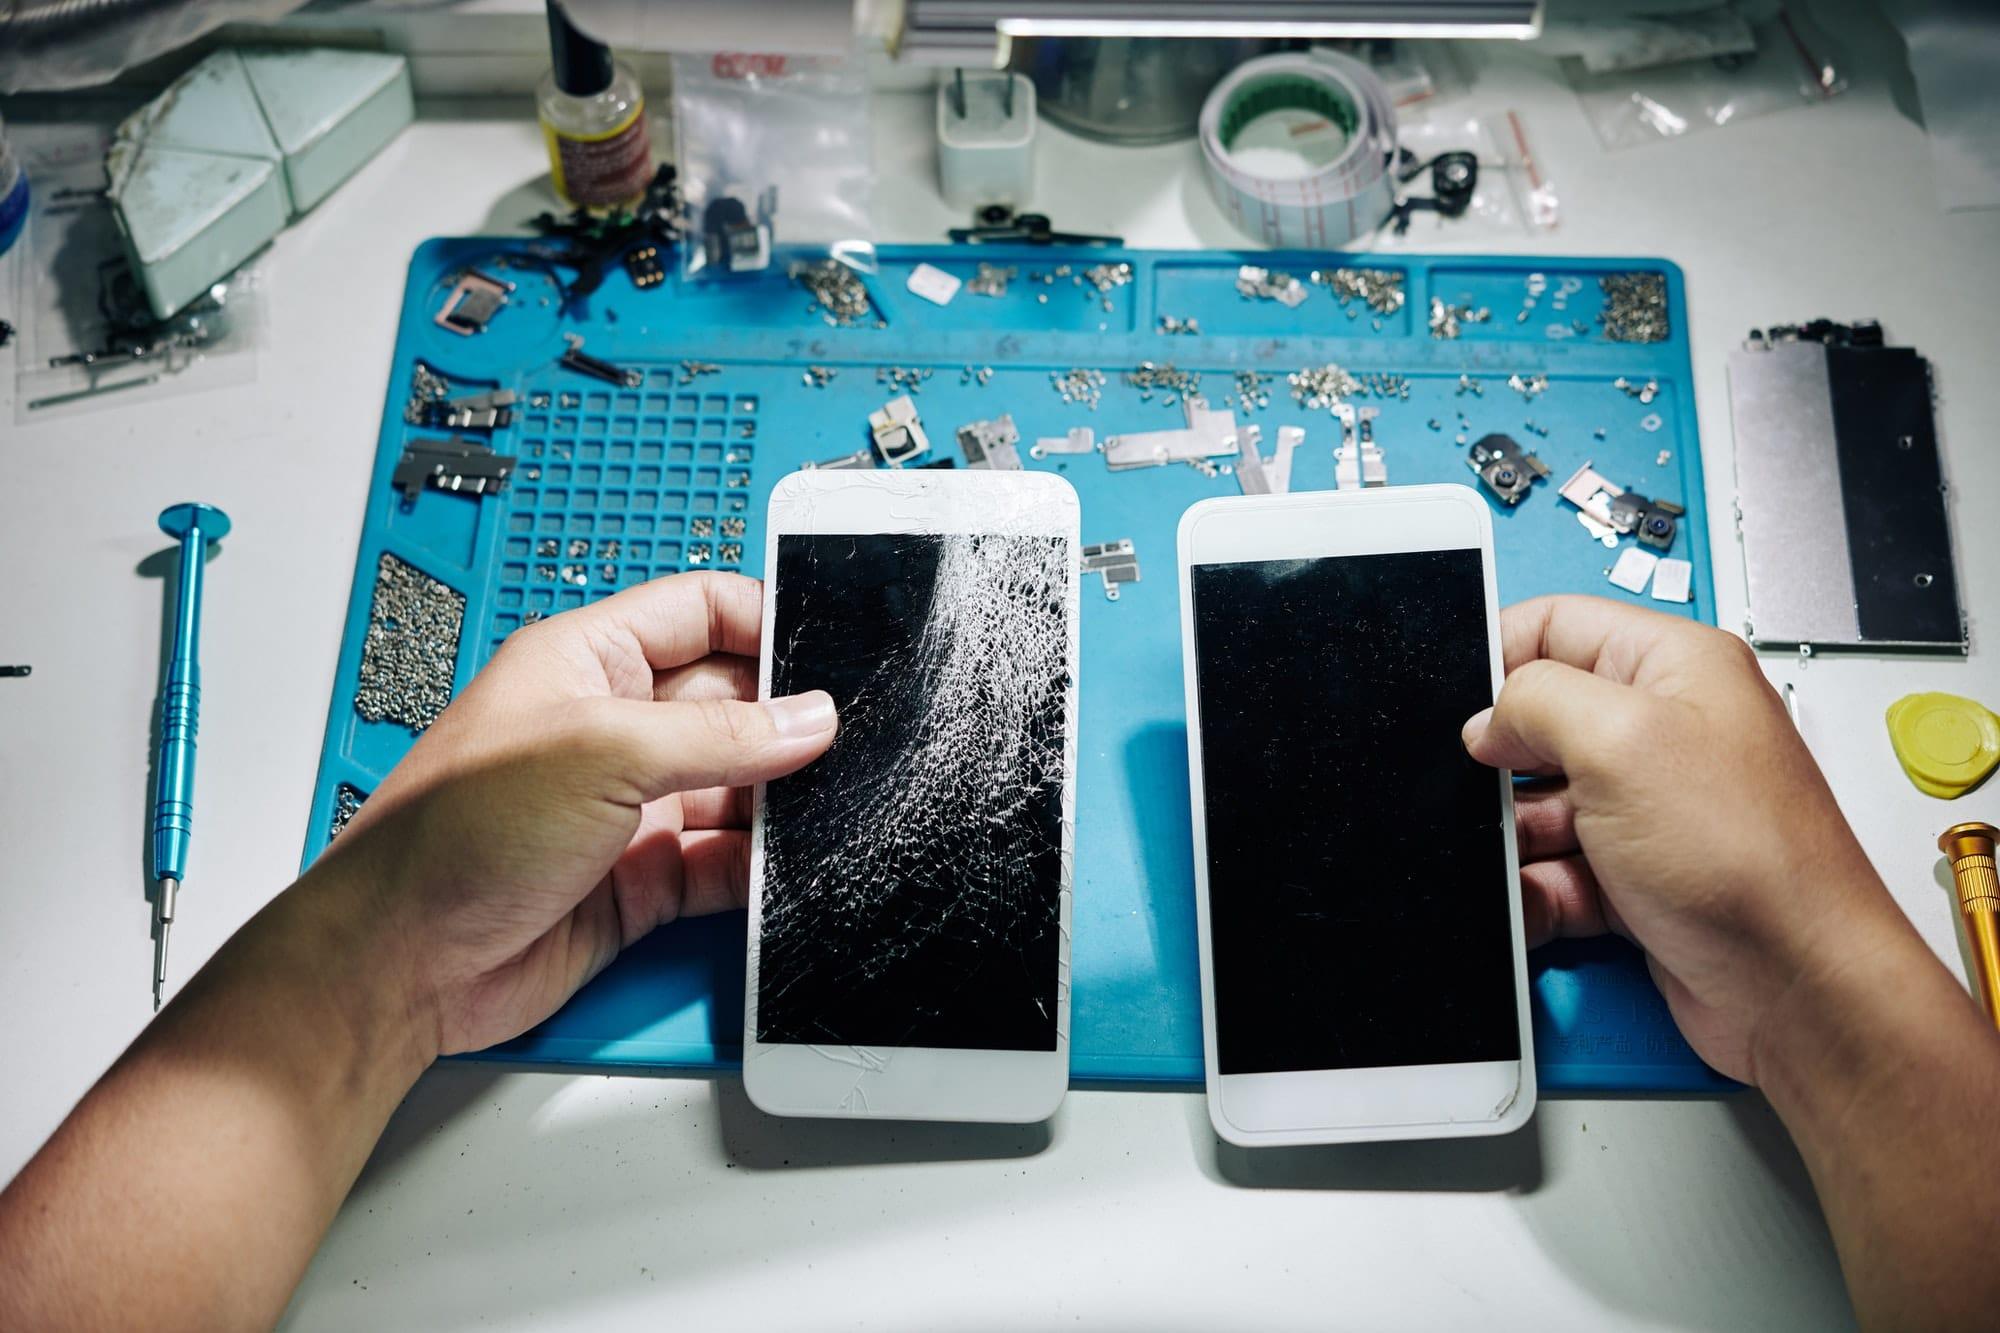 Repairman changing smartphone screen